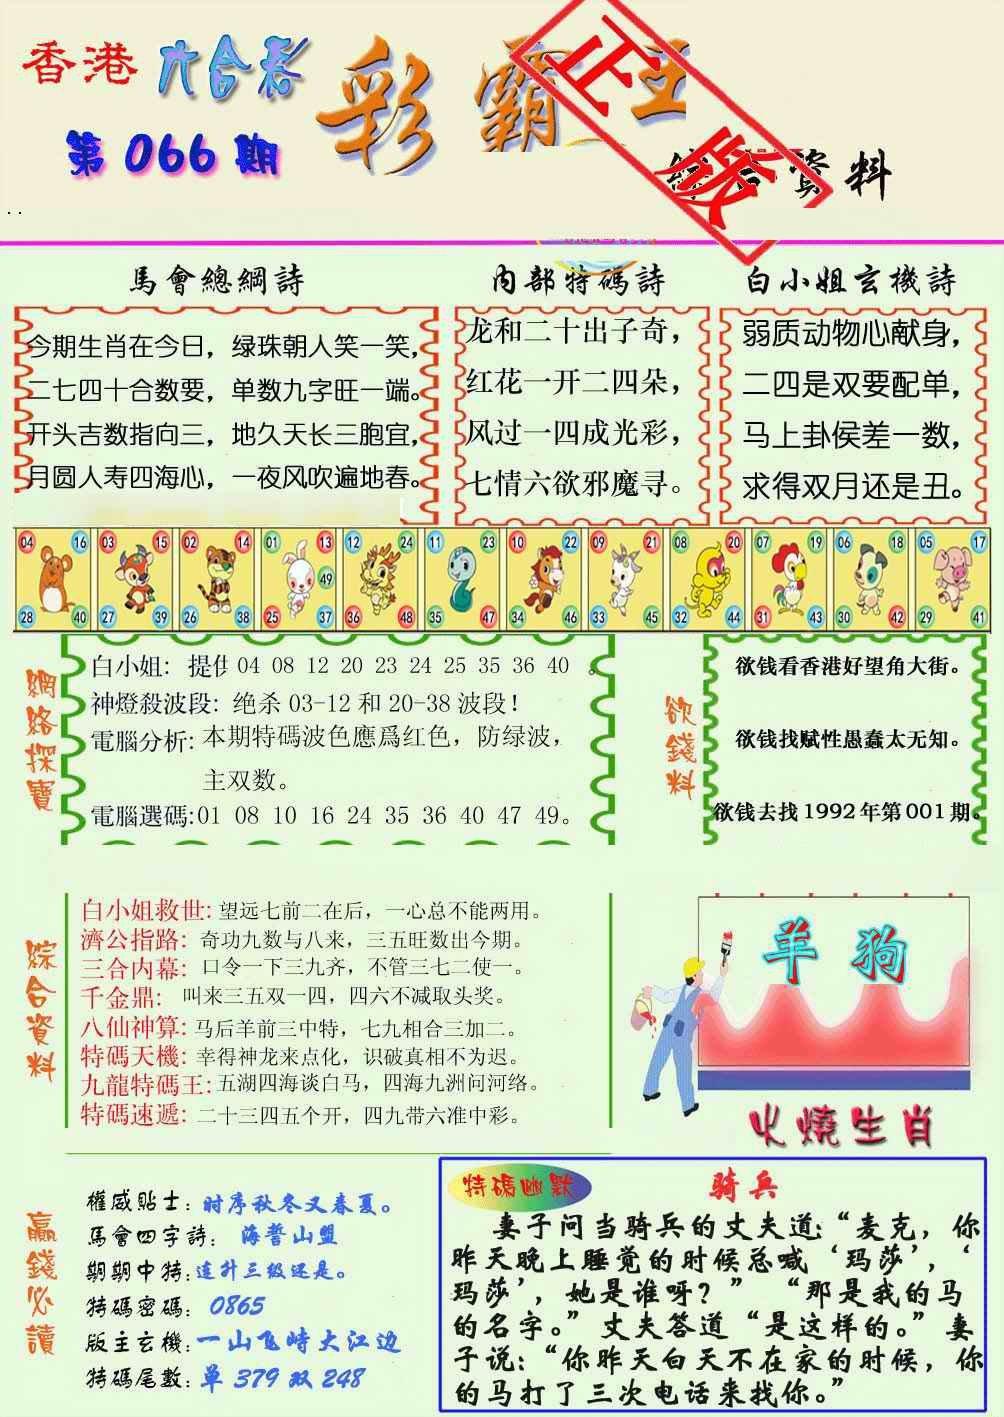 066期精装彩霸王